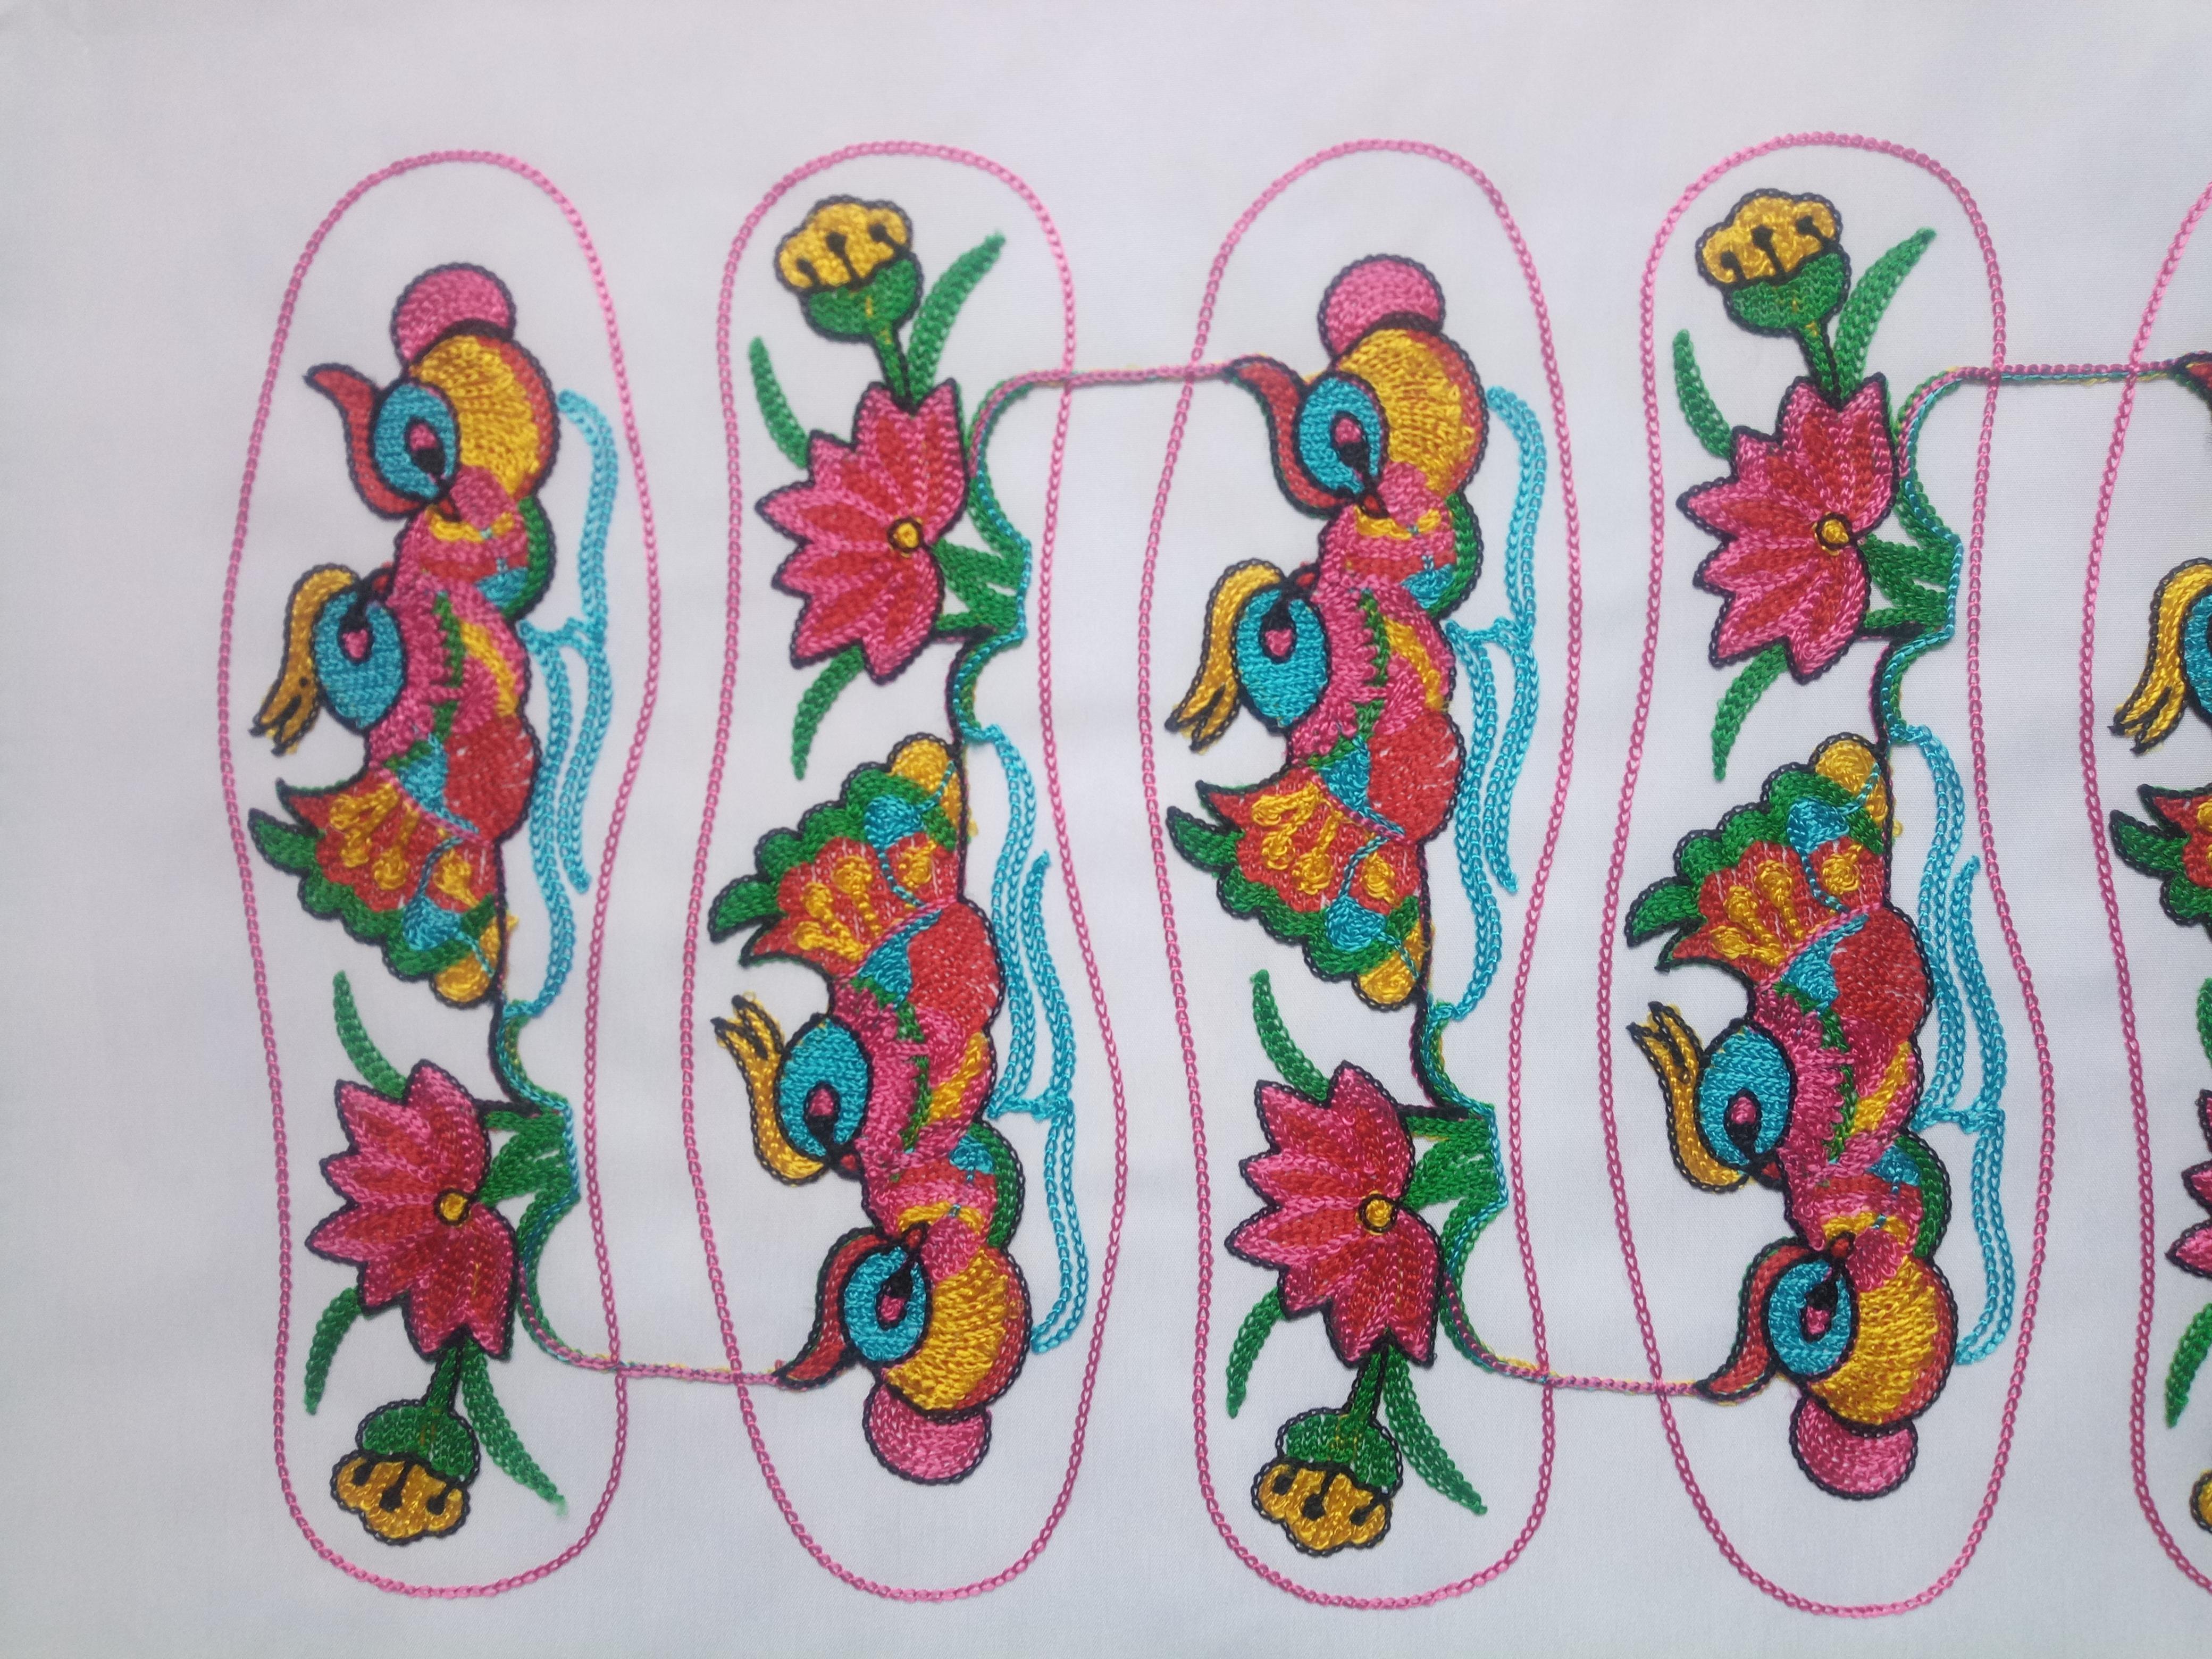 毛线绣绣花鞋垫 电脑绣花鞋垫面 鞋垫面批发 绣花鞋垫半成品 厂家批发鞋垫面